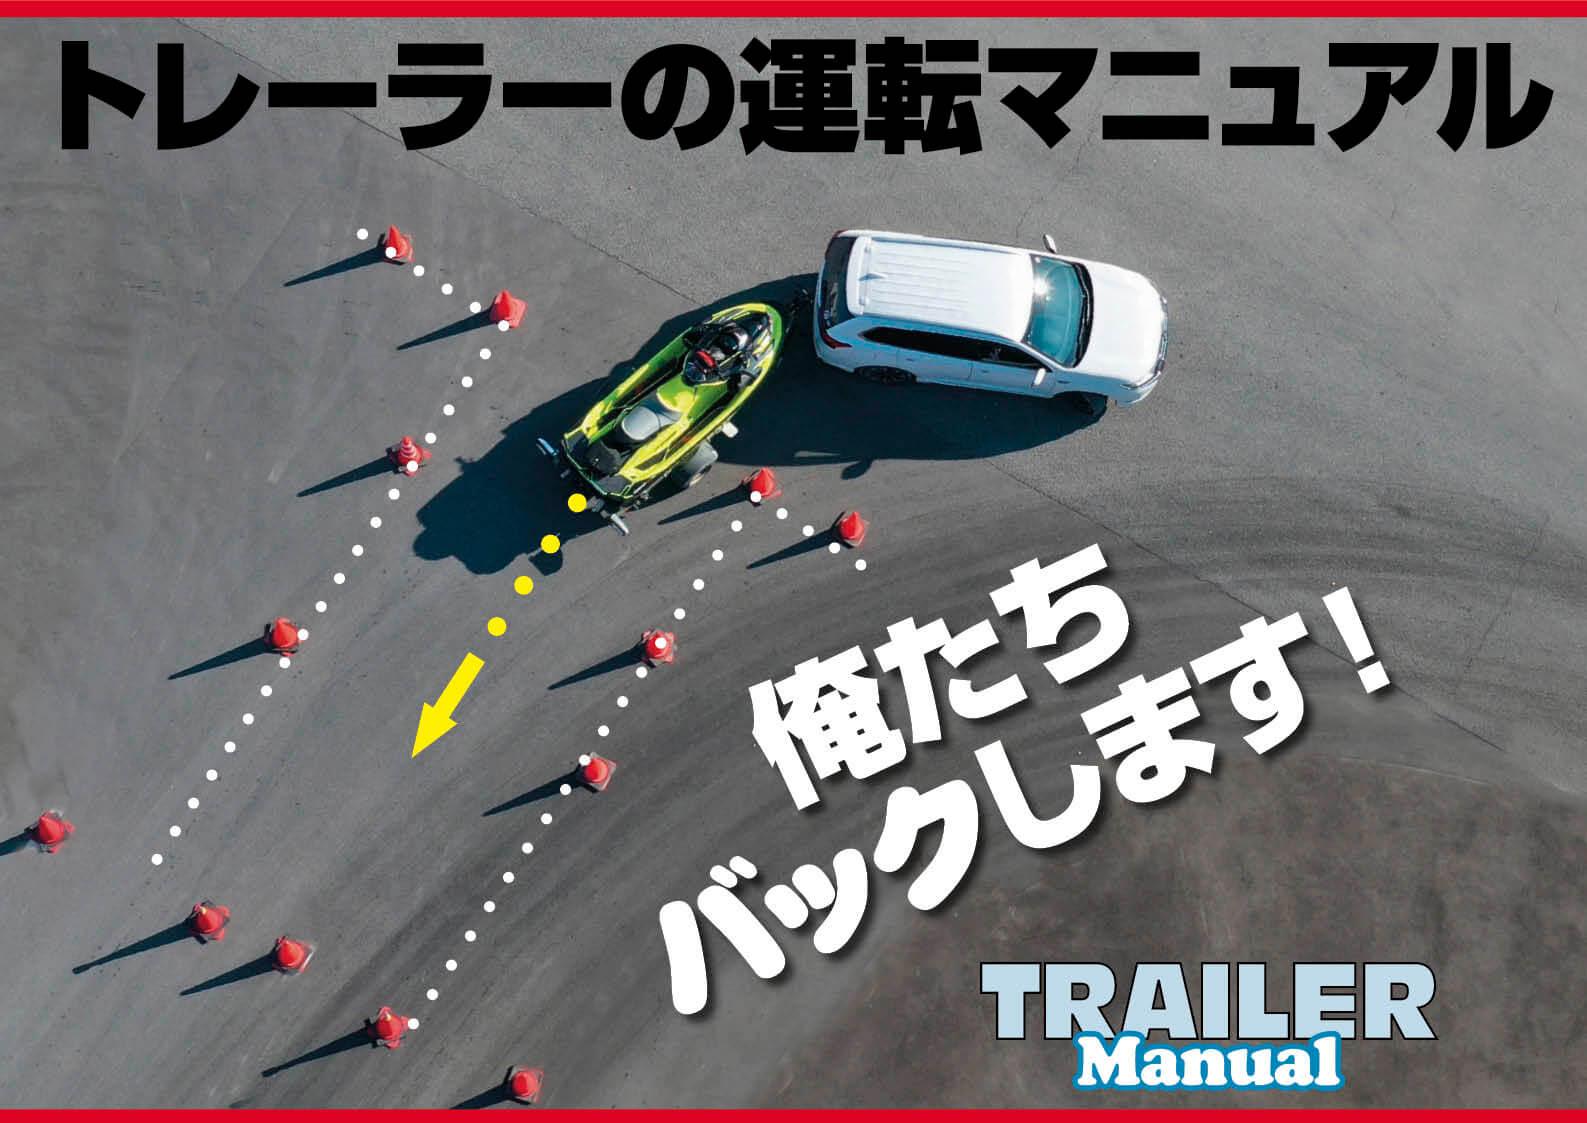 トレーラー運転マニュアル 誰でもトレーラーを牽いてバックができる ジェットスキー(水上バイク)